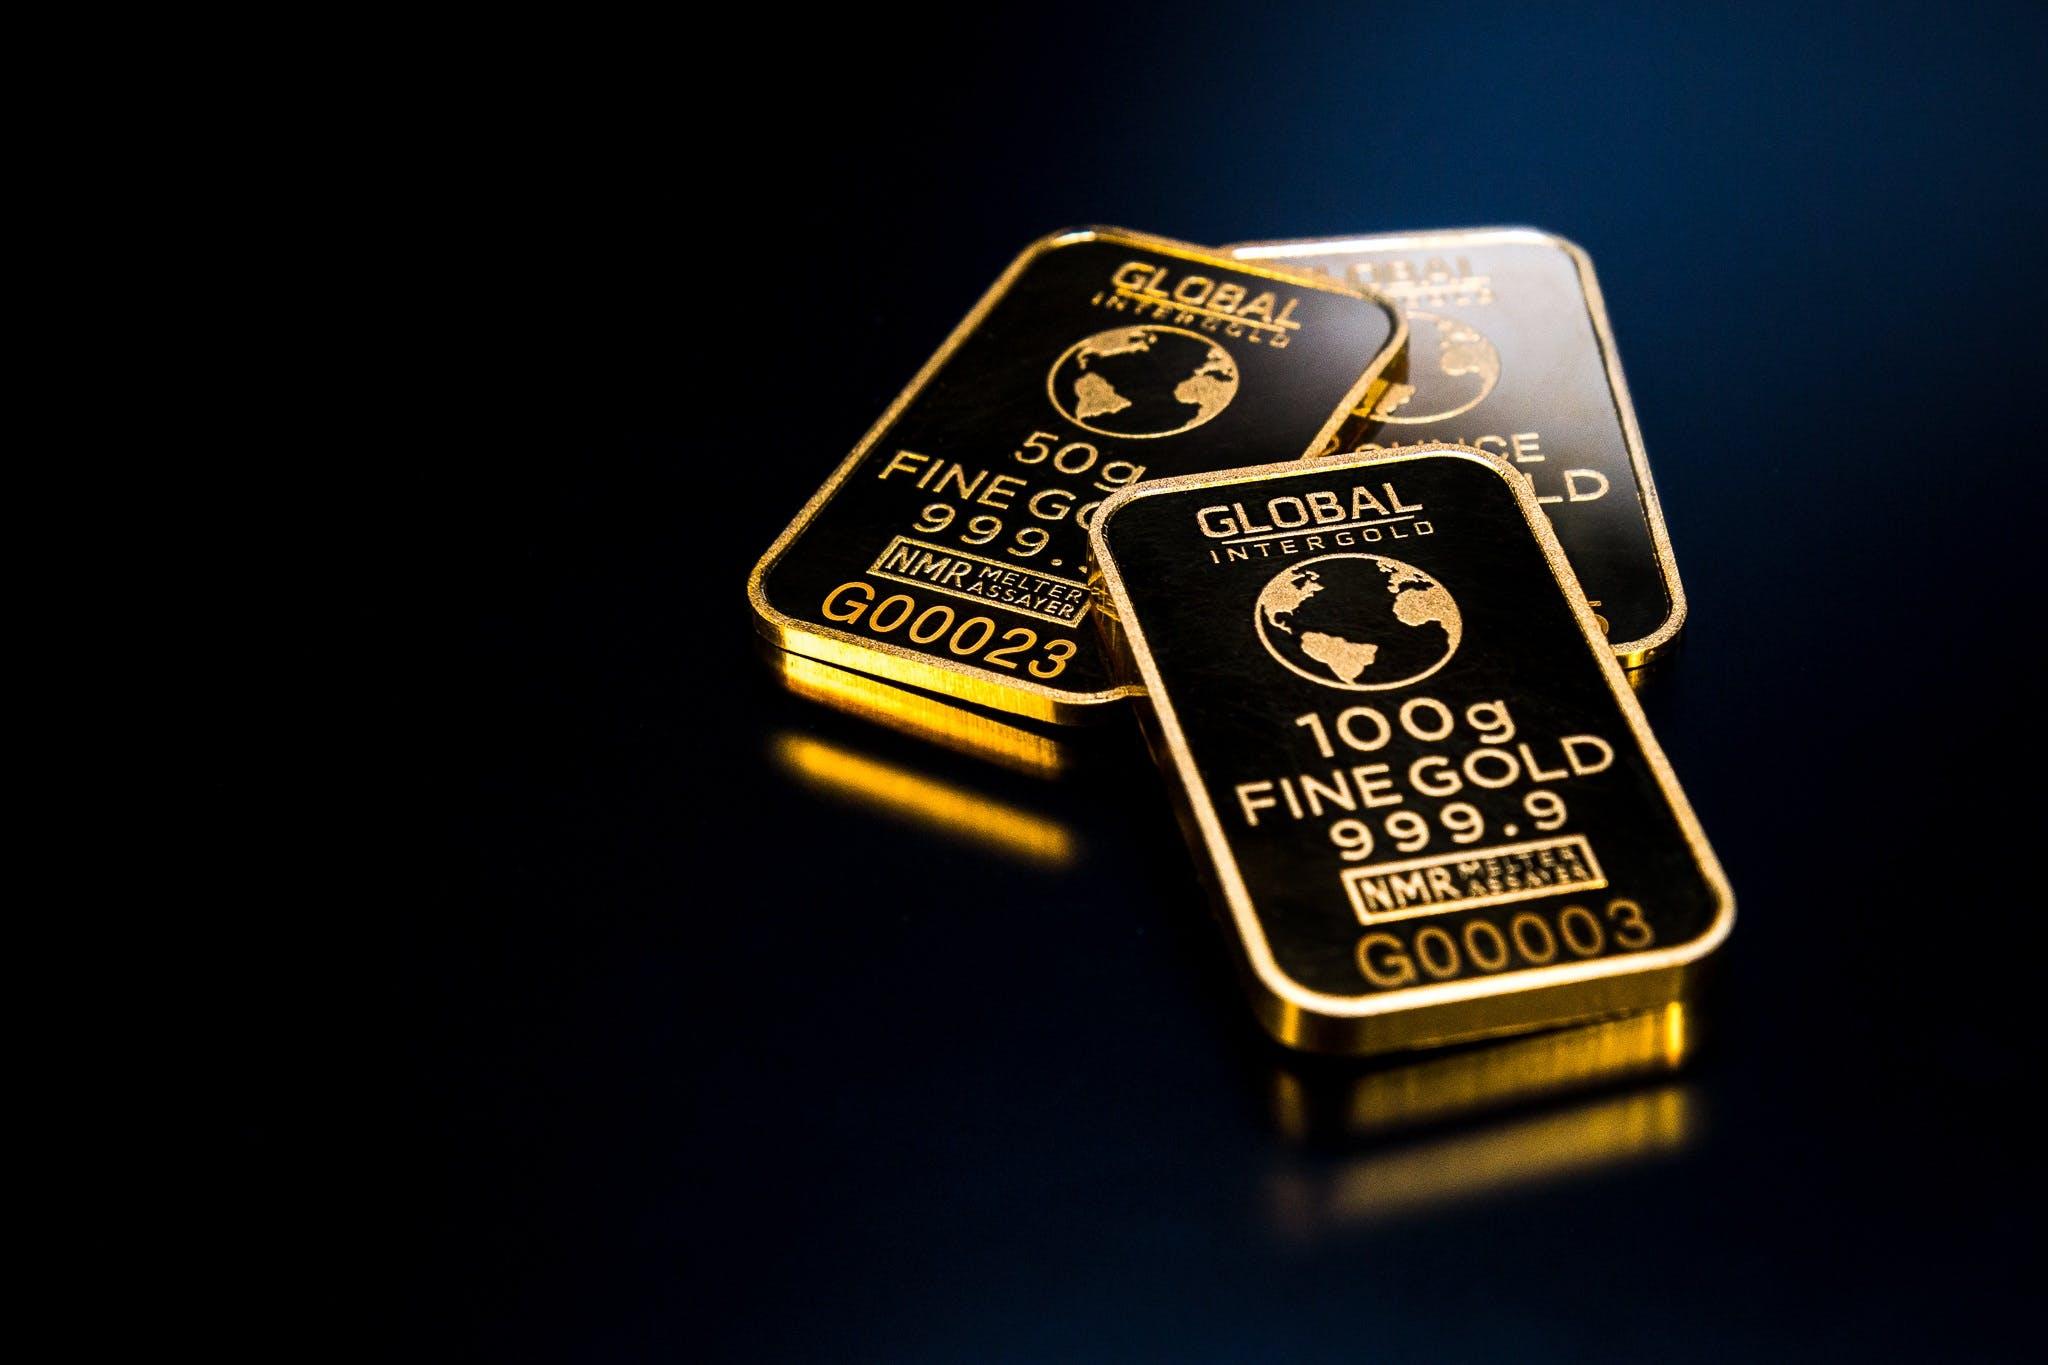 Δωρεάν στοκ φωτογραφιών με εμπόριο, επένδυση, πλούτος, ράβδοι χρυσού